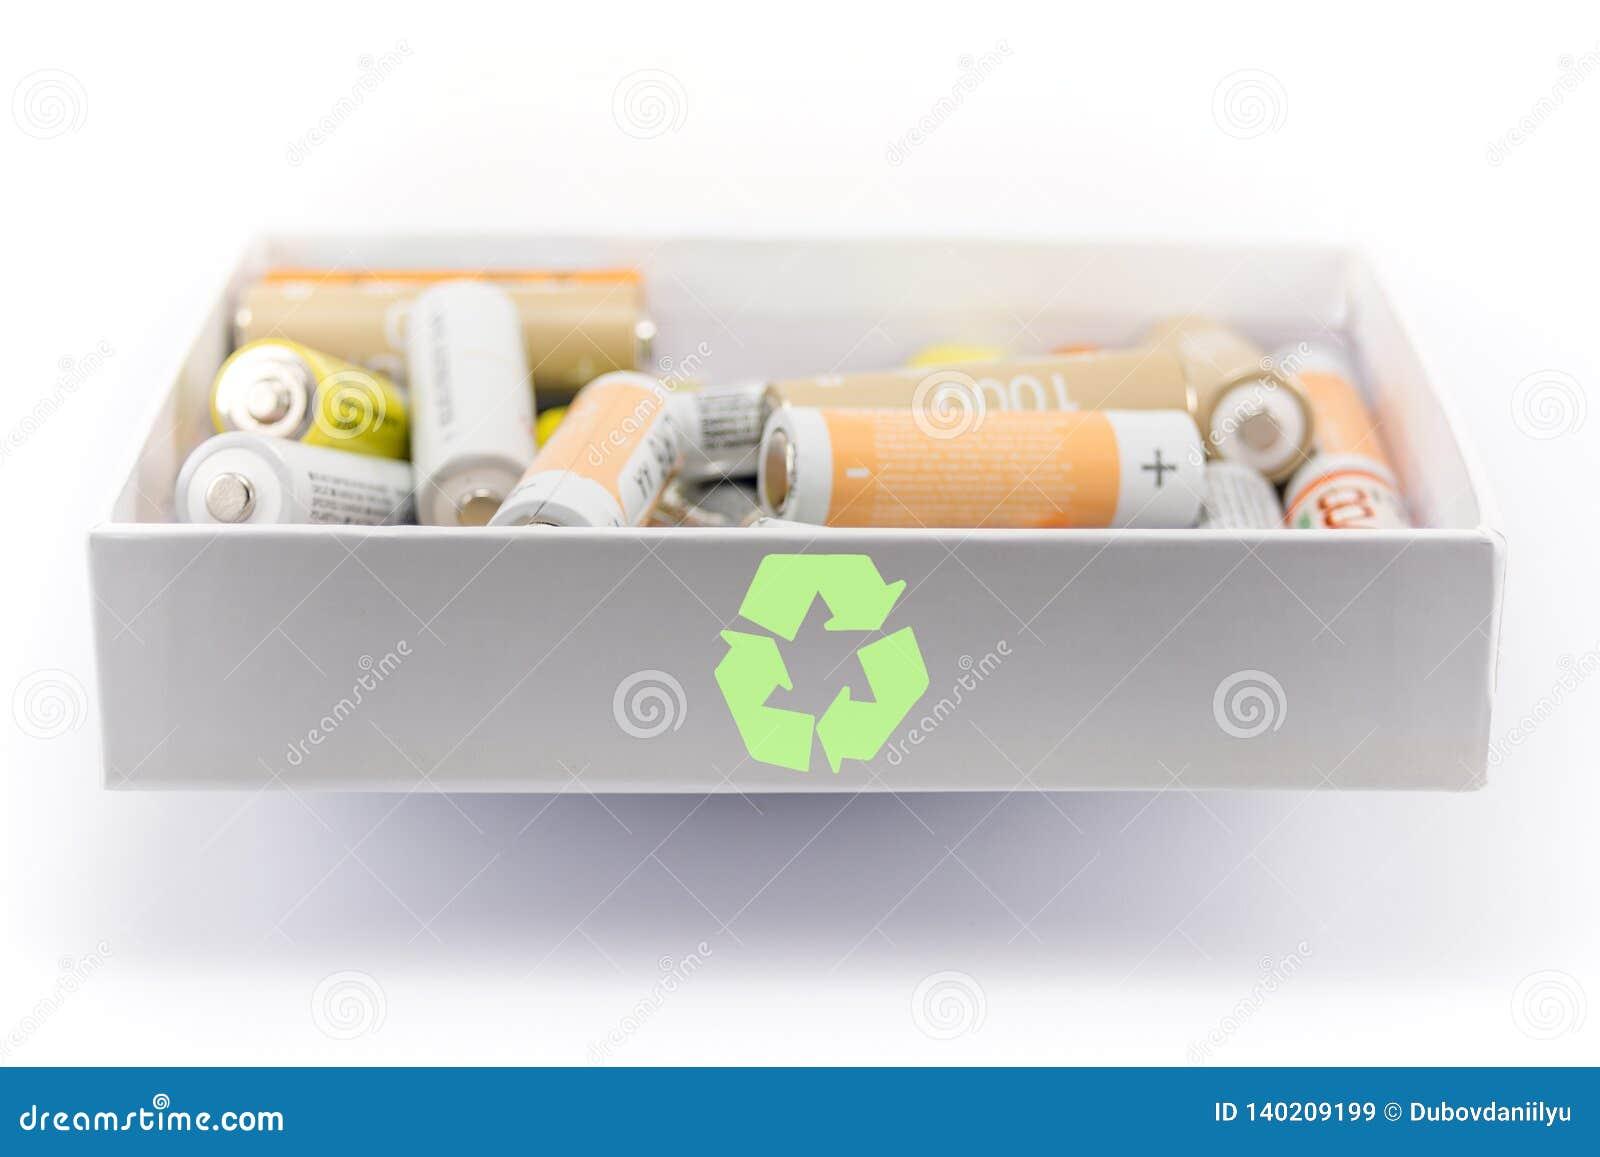 Έννοια της ανακύκλωσης μπαταριών